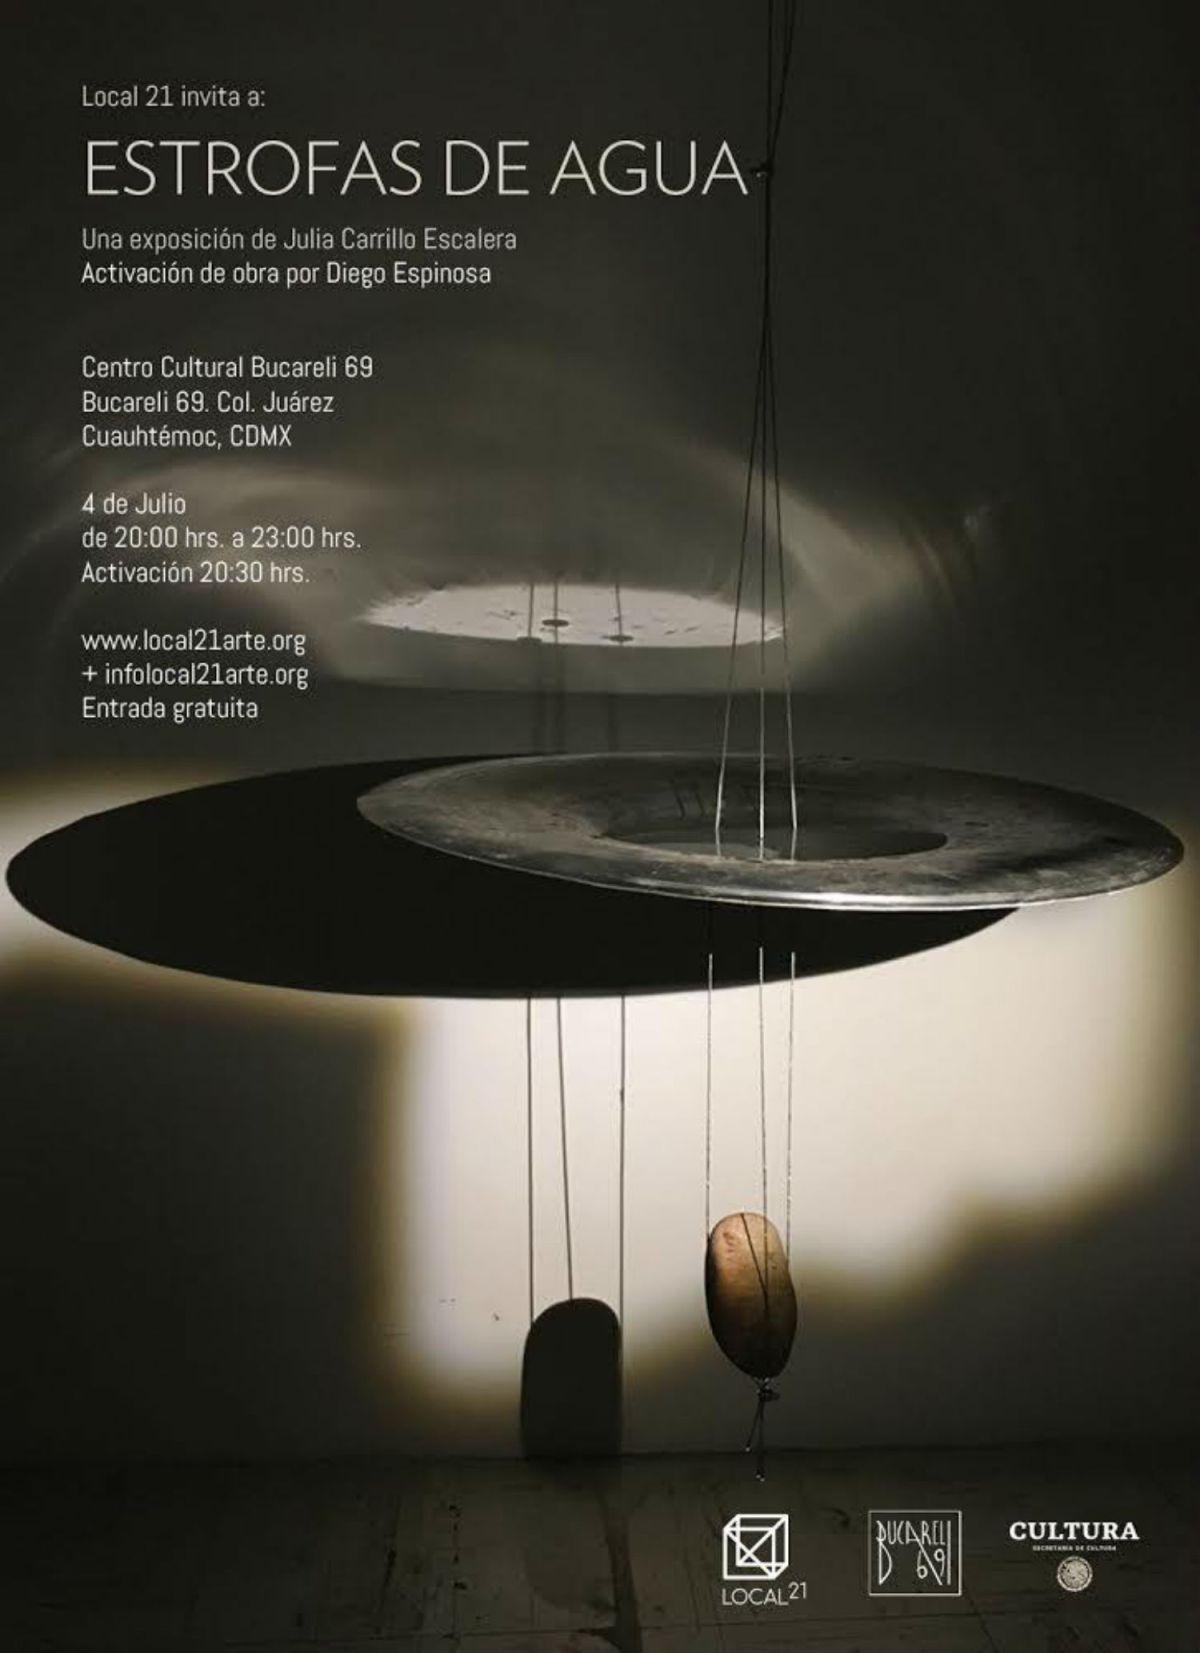 Estrofas de agua Julia Carrillo Escalera exposición arte